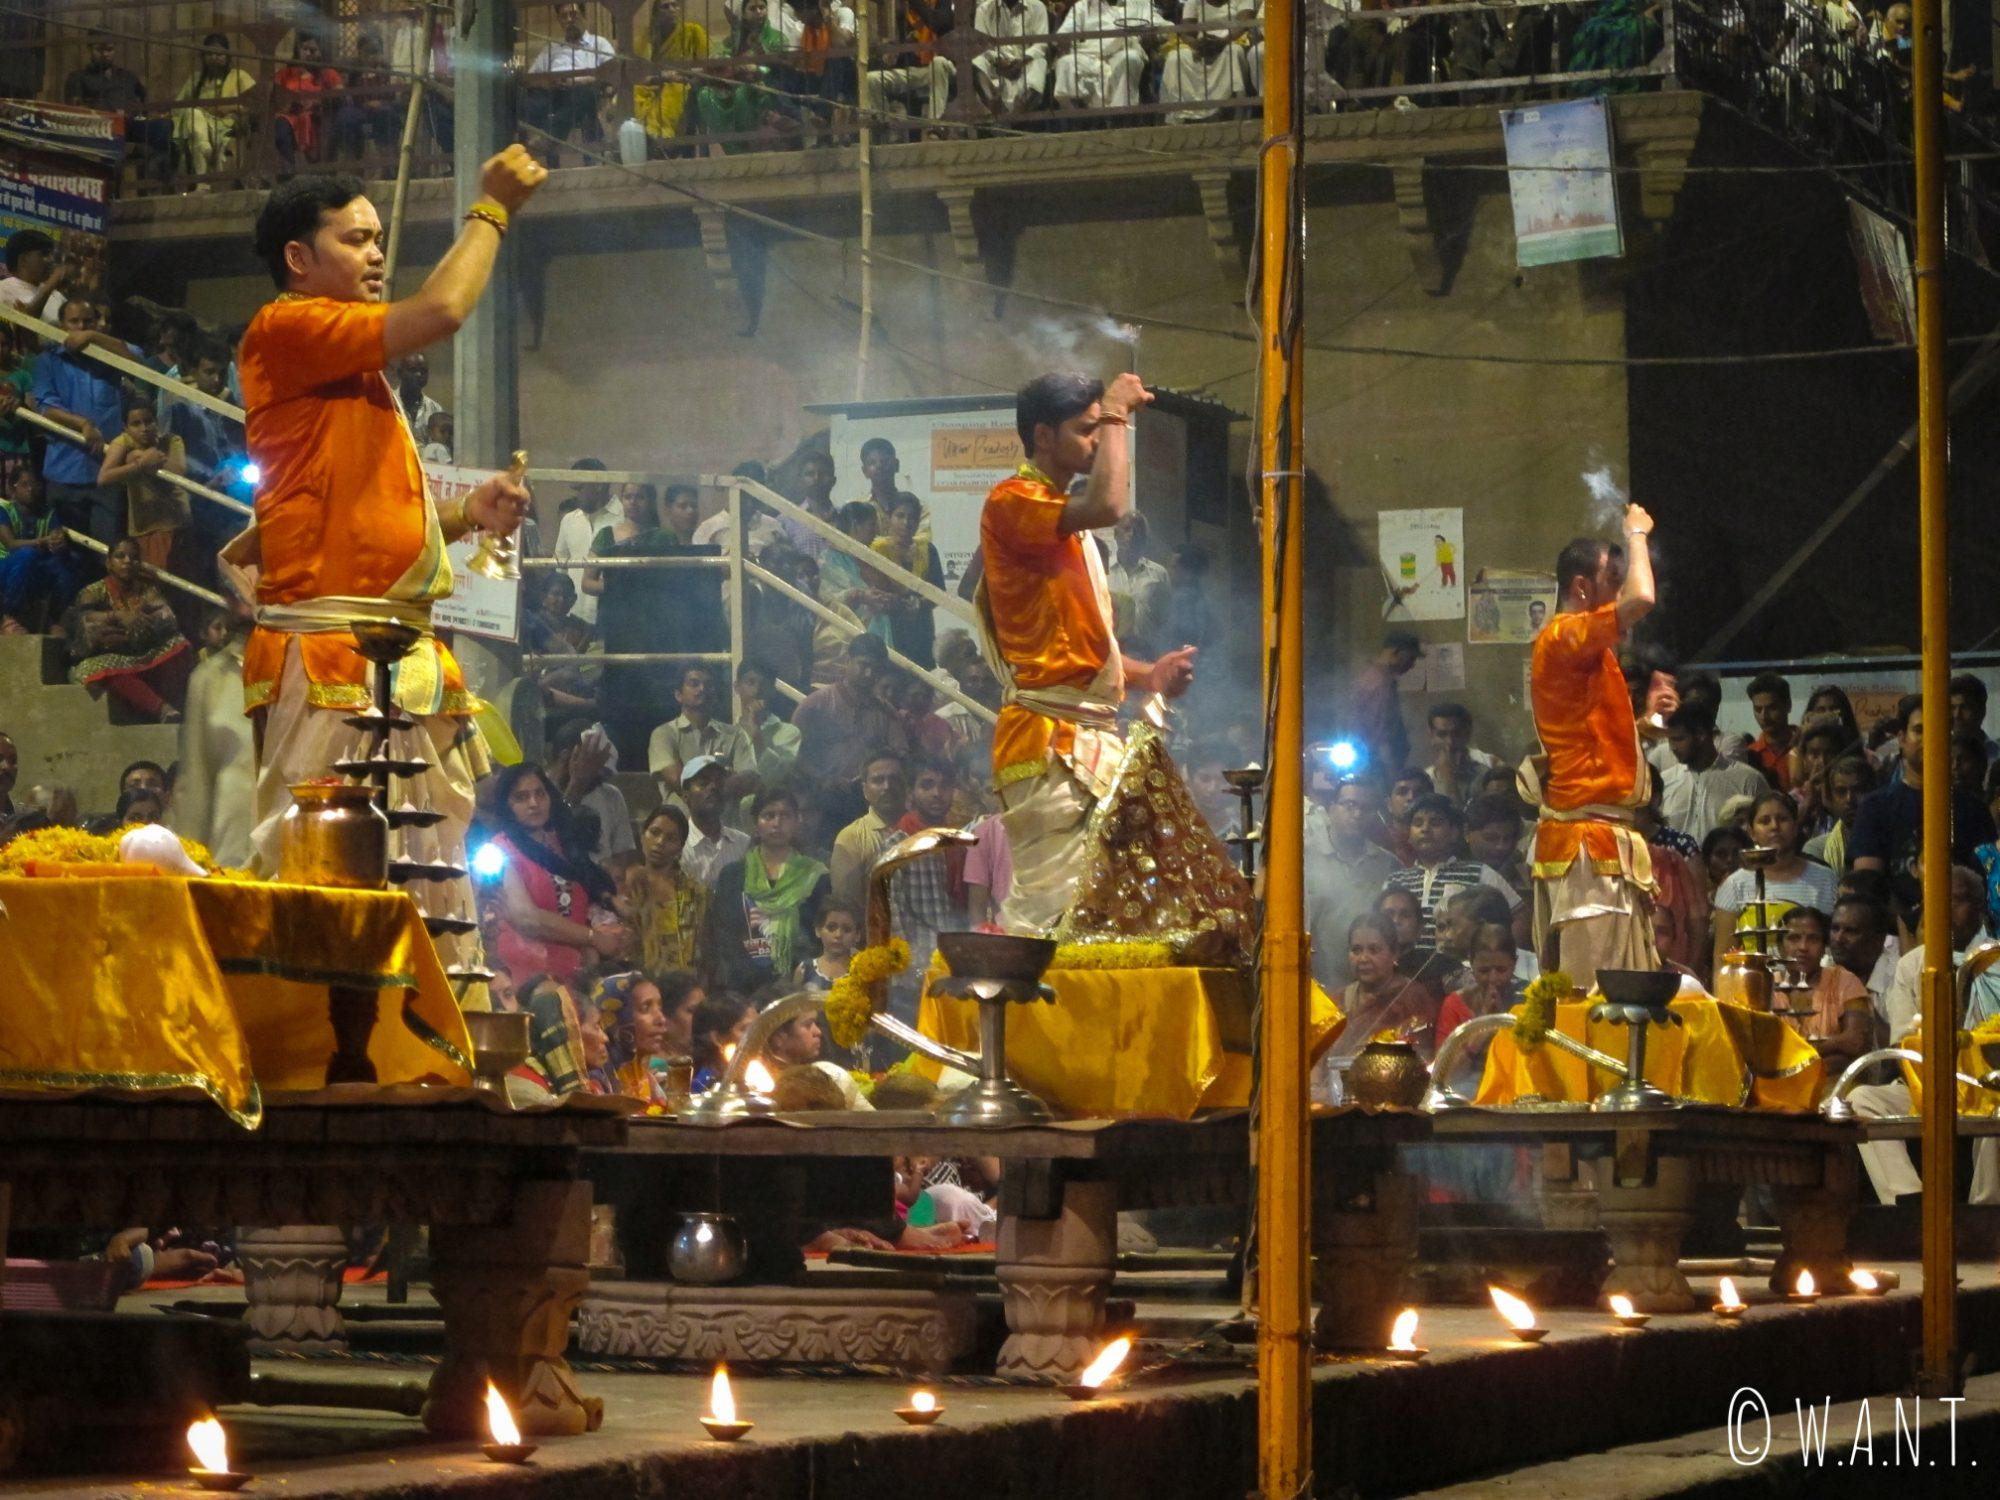 La cérémonie Ganga aarti a lieu tous les soirs sur le Dashashwamedh ghat